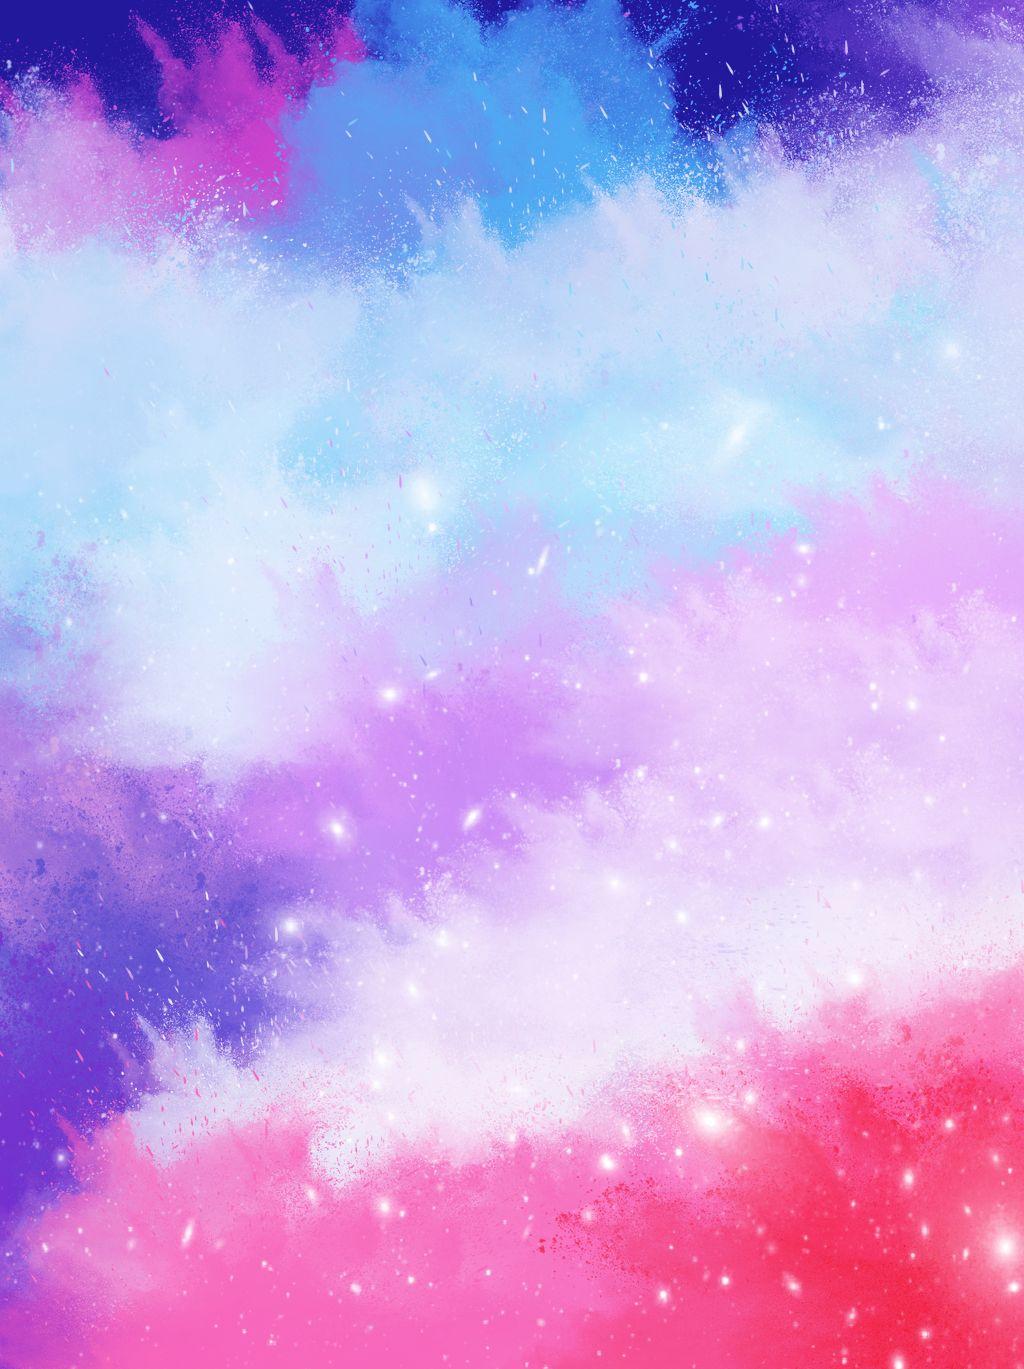 splash of color background photos  splash of color